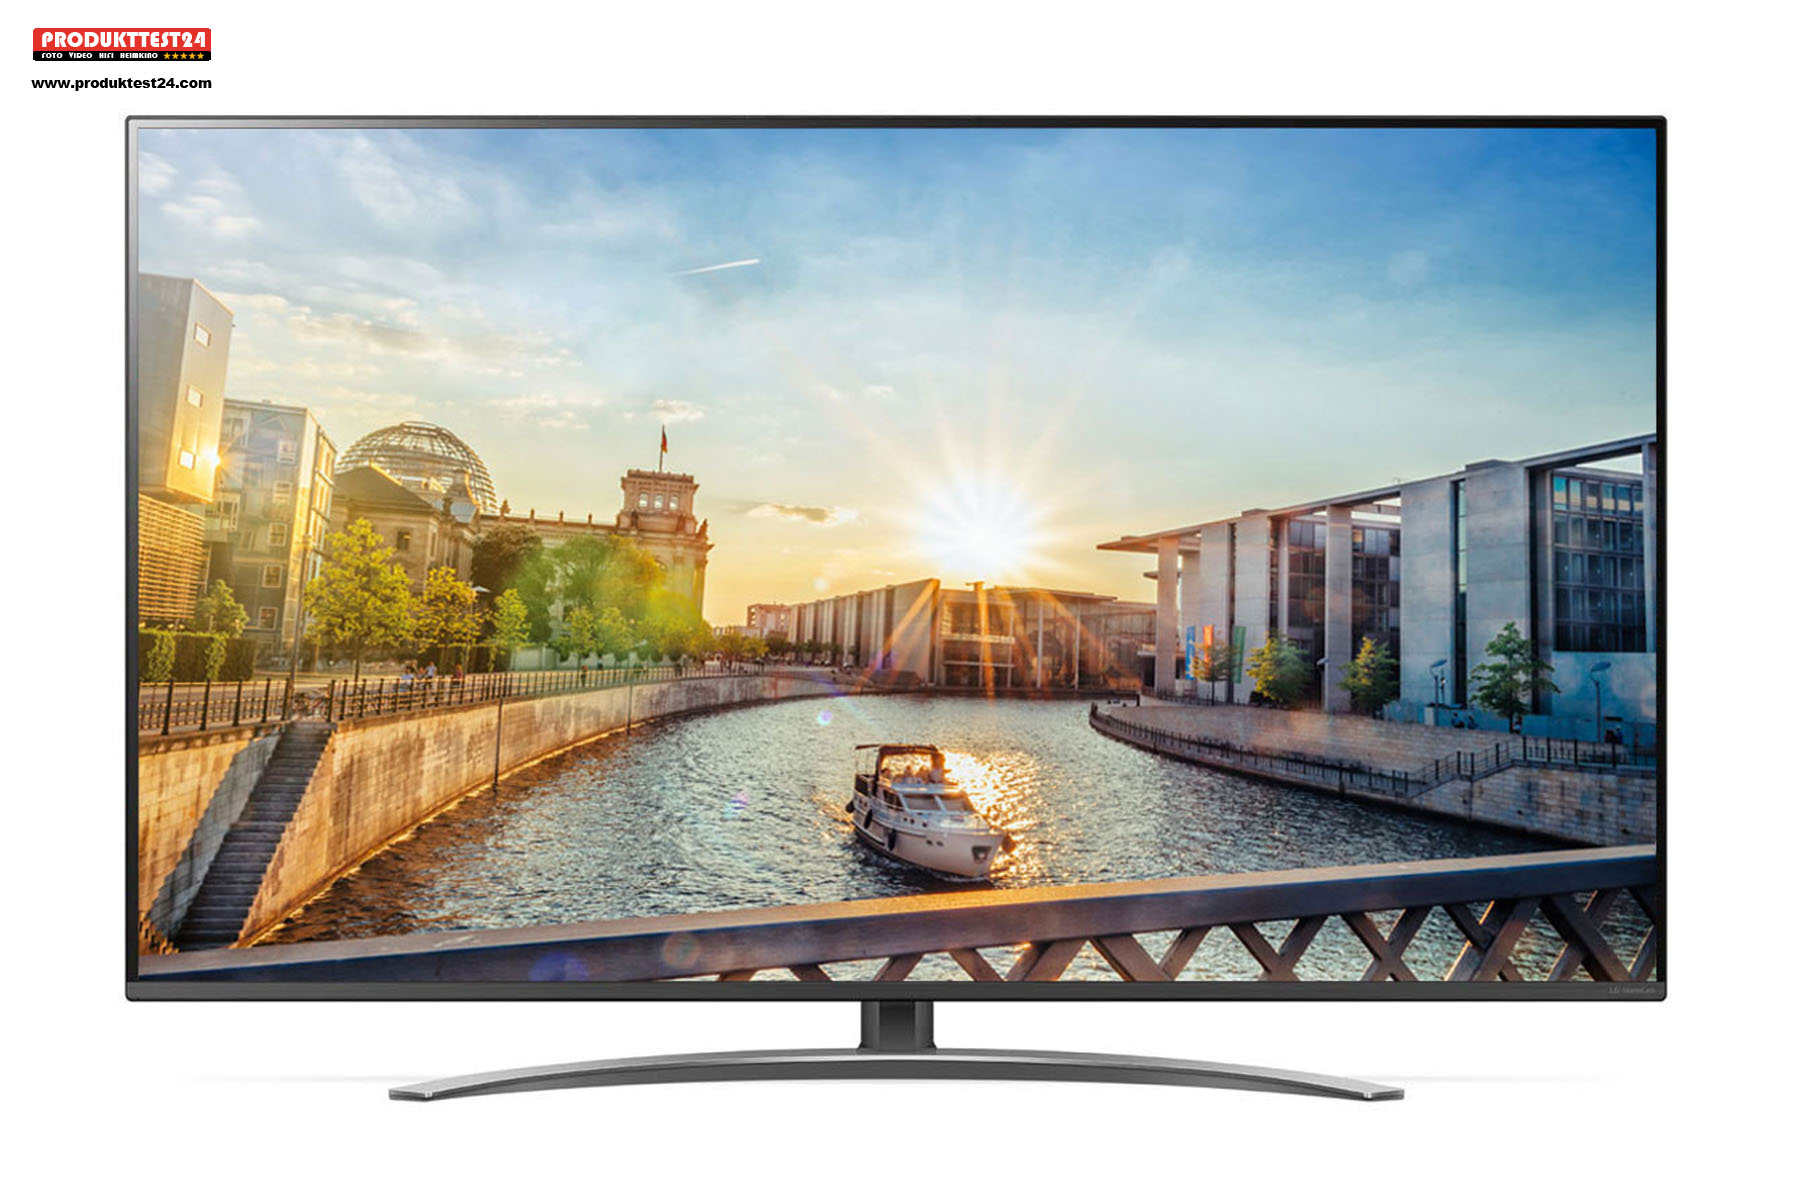 49 Zoll Bilddiagonale, Triple Tuner, SmartTV und SmartHome Steuerung